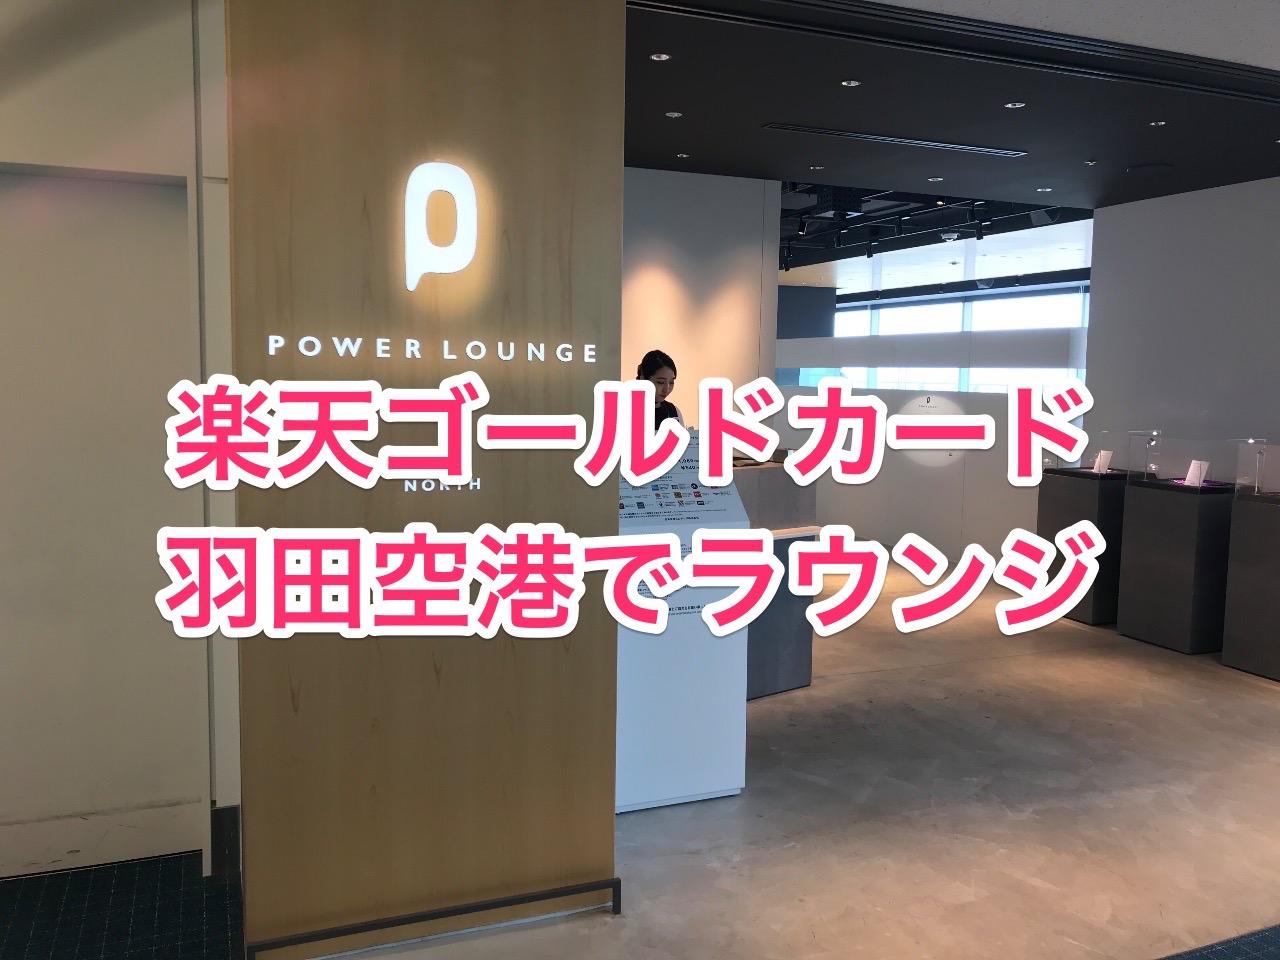 【楽天ゴールドカード】羽田空港の空港ラウンジを使用した【感想】